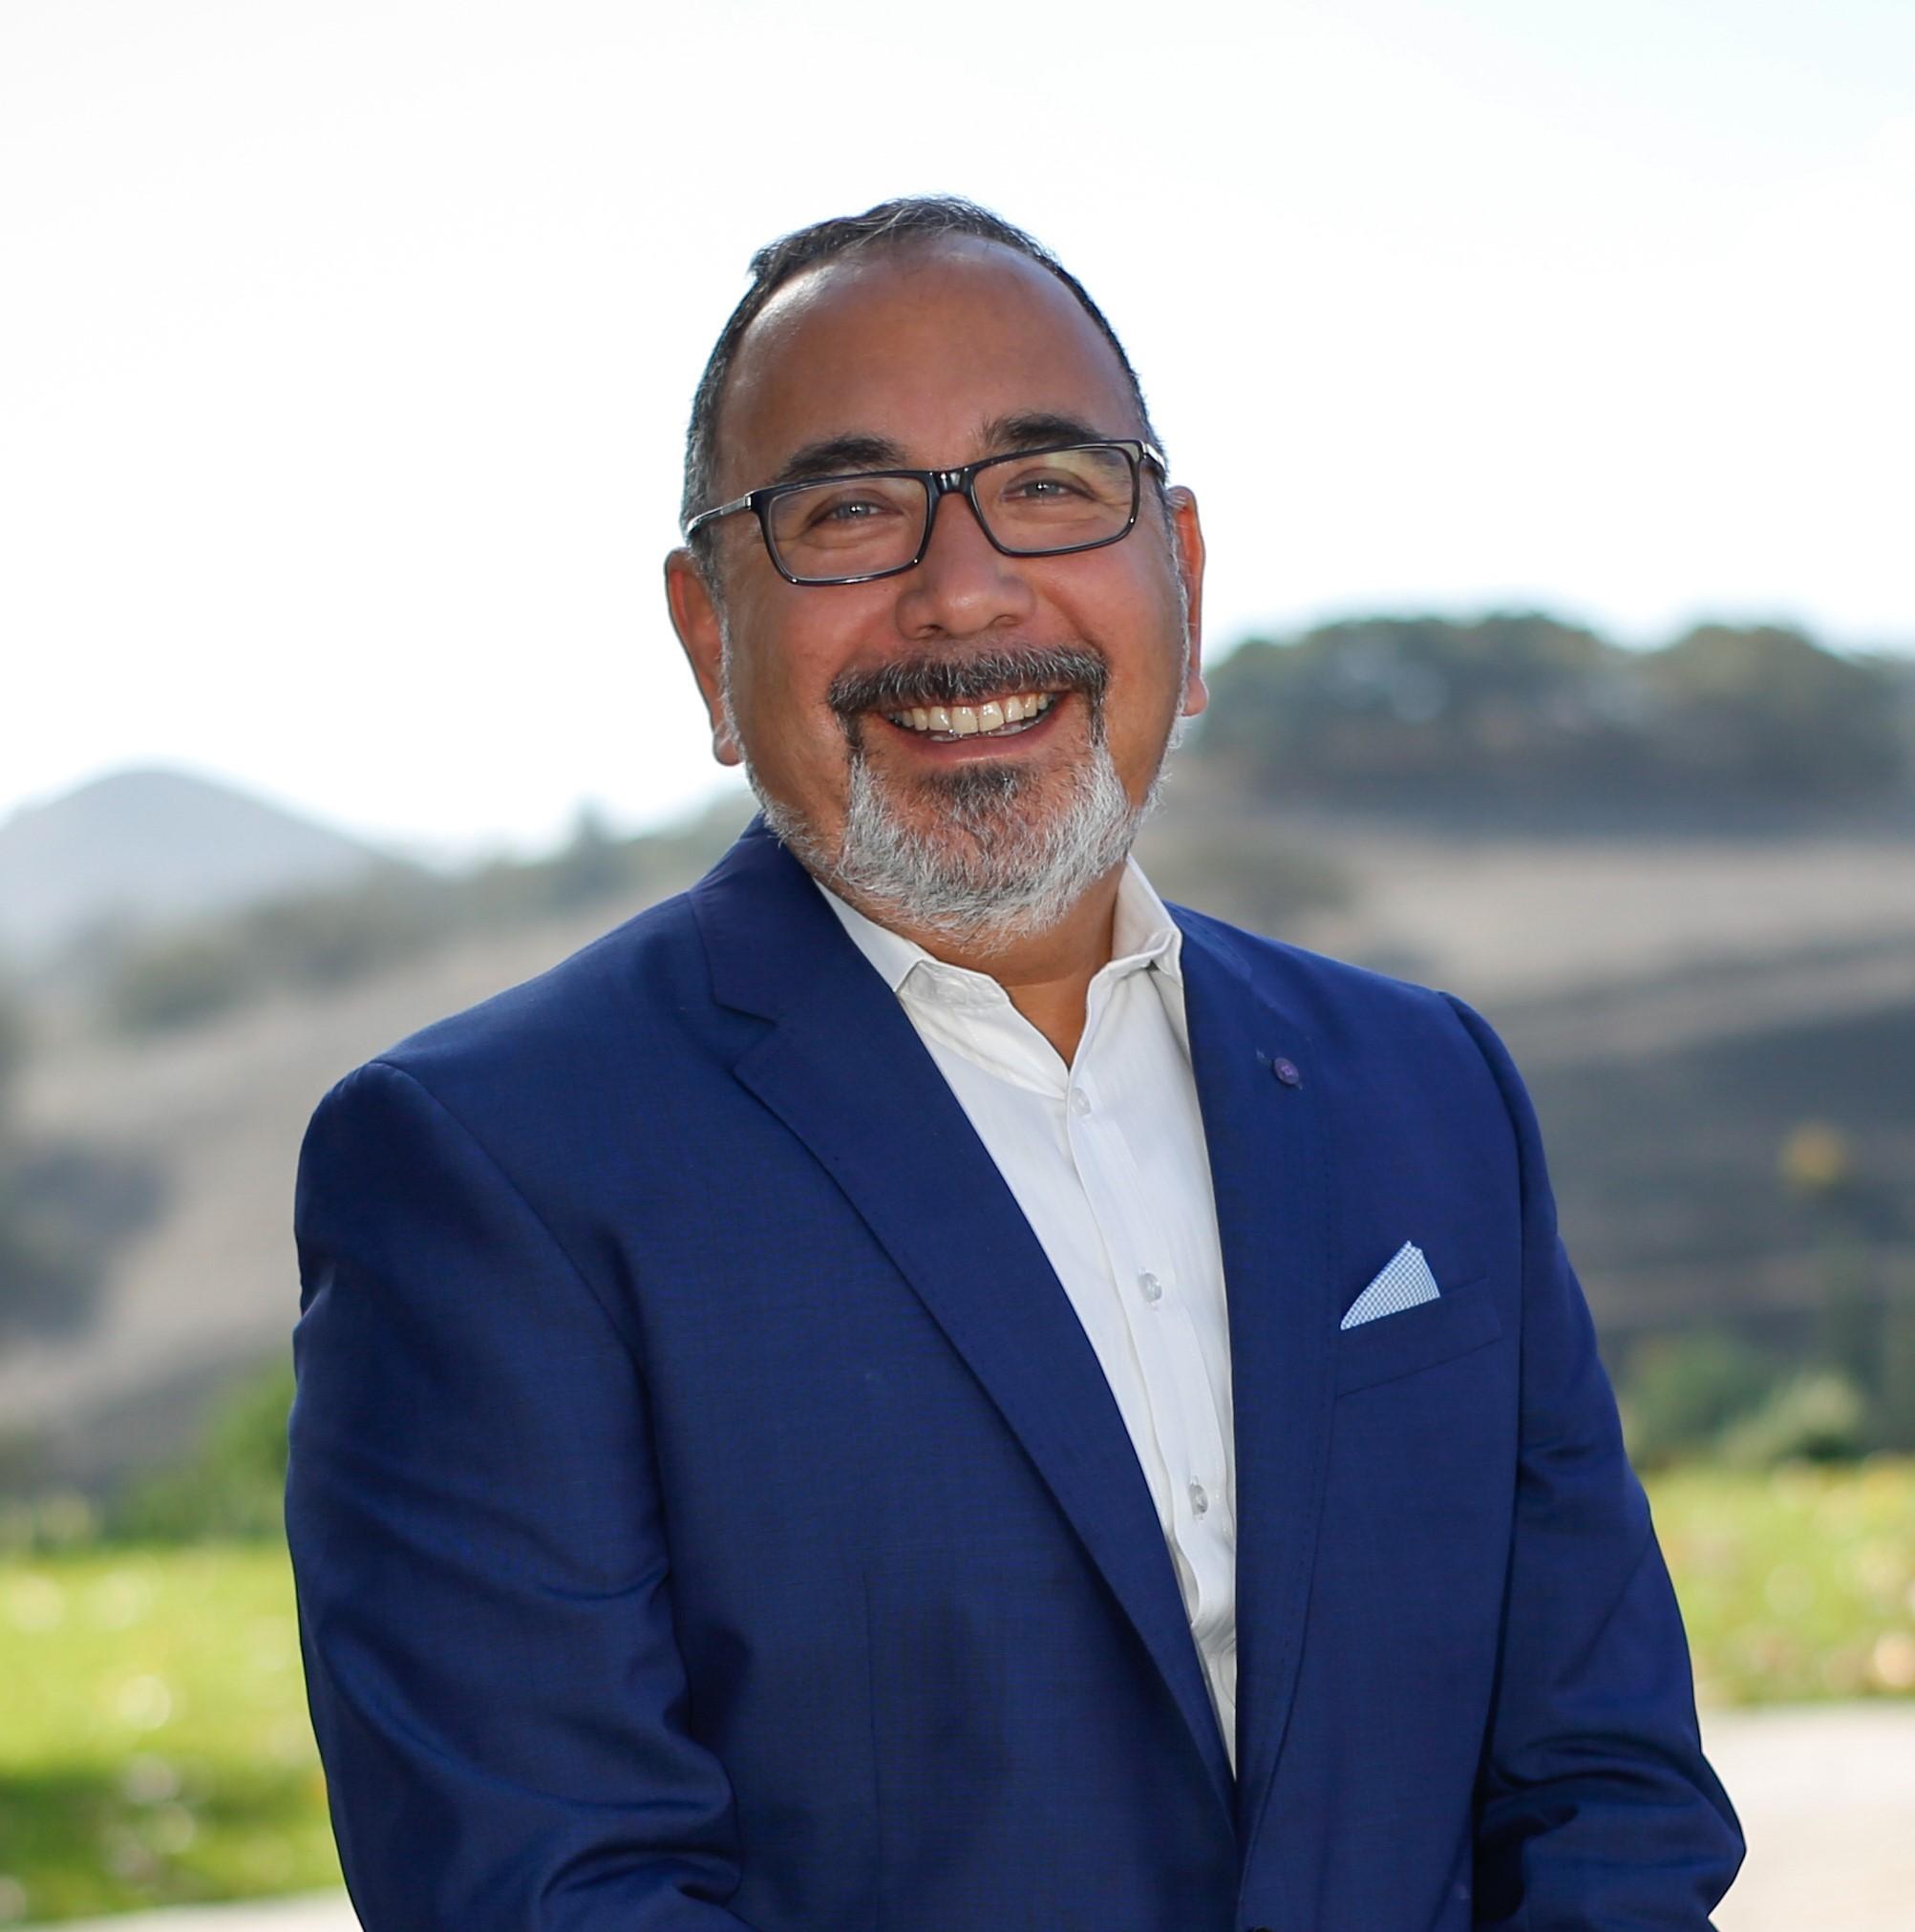 Gary Palacios